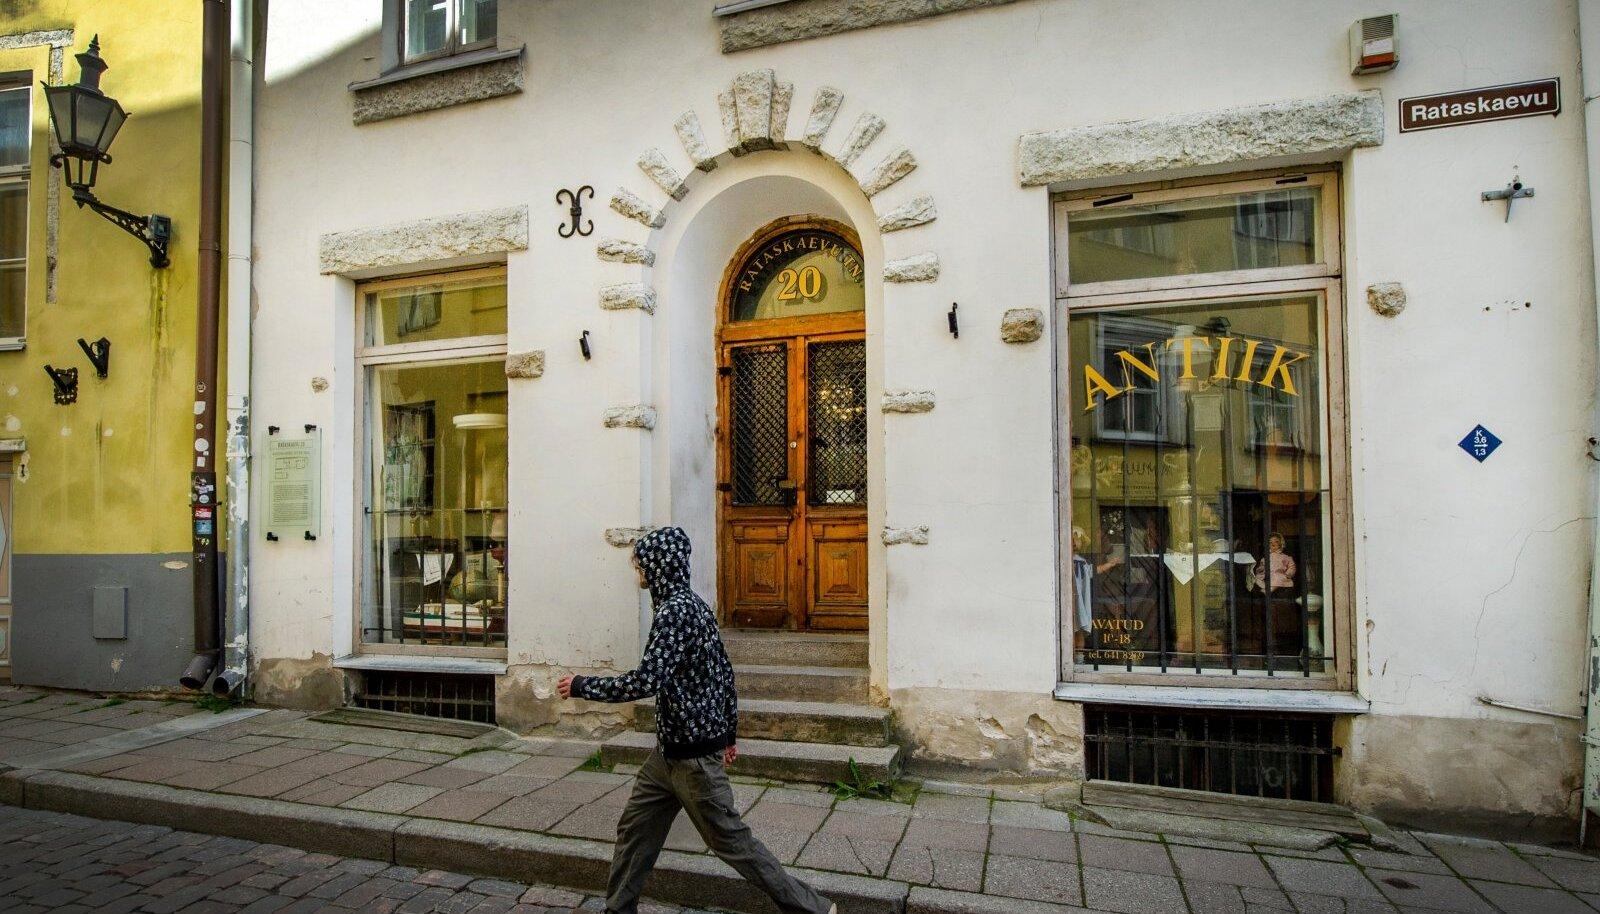 SULETUD! Rataskaevu tänava antiigiäri Tallinna vanalinnas.